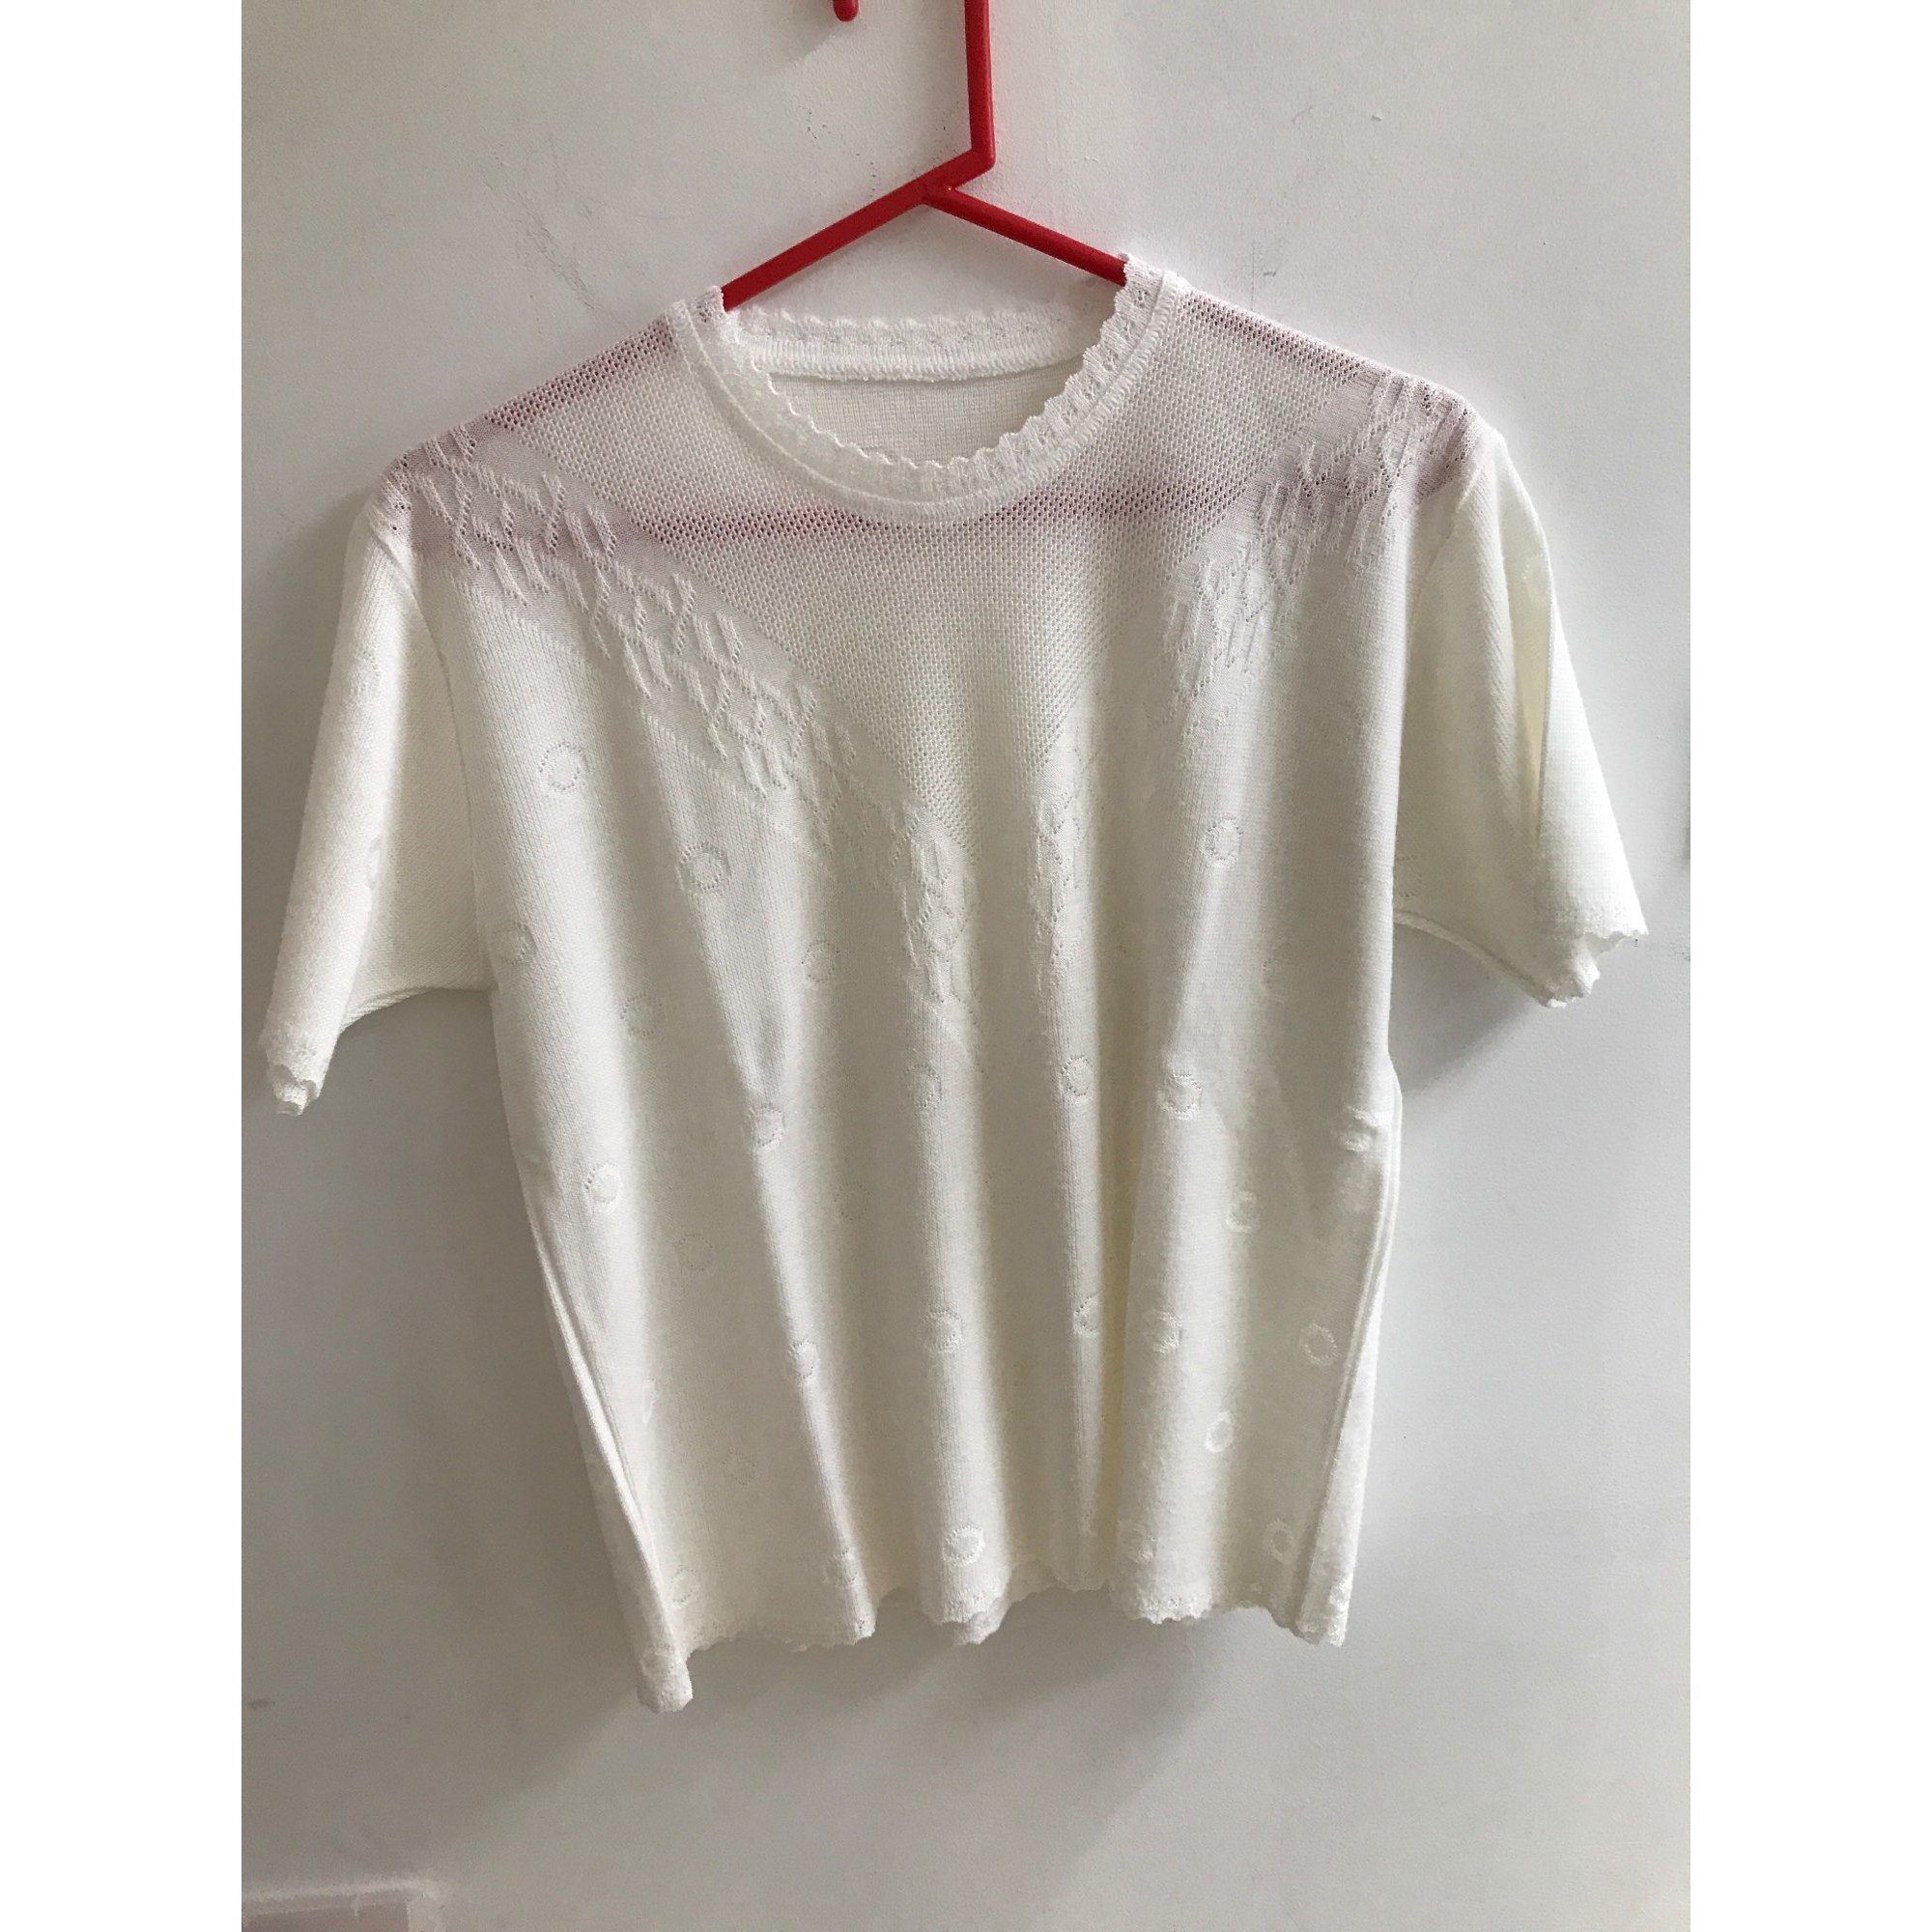 Top, tee-shirt AUTRE CHOSE Blanc, blanc cassé, écru